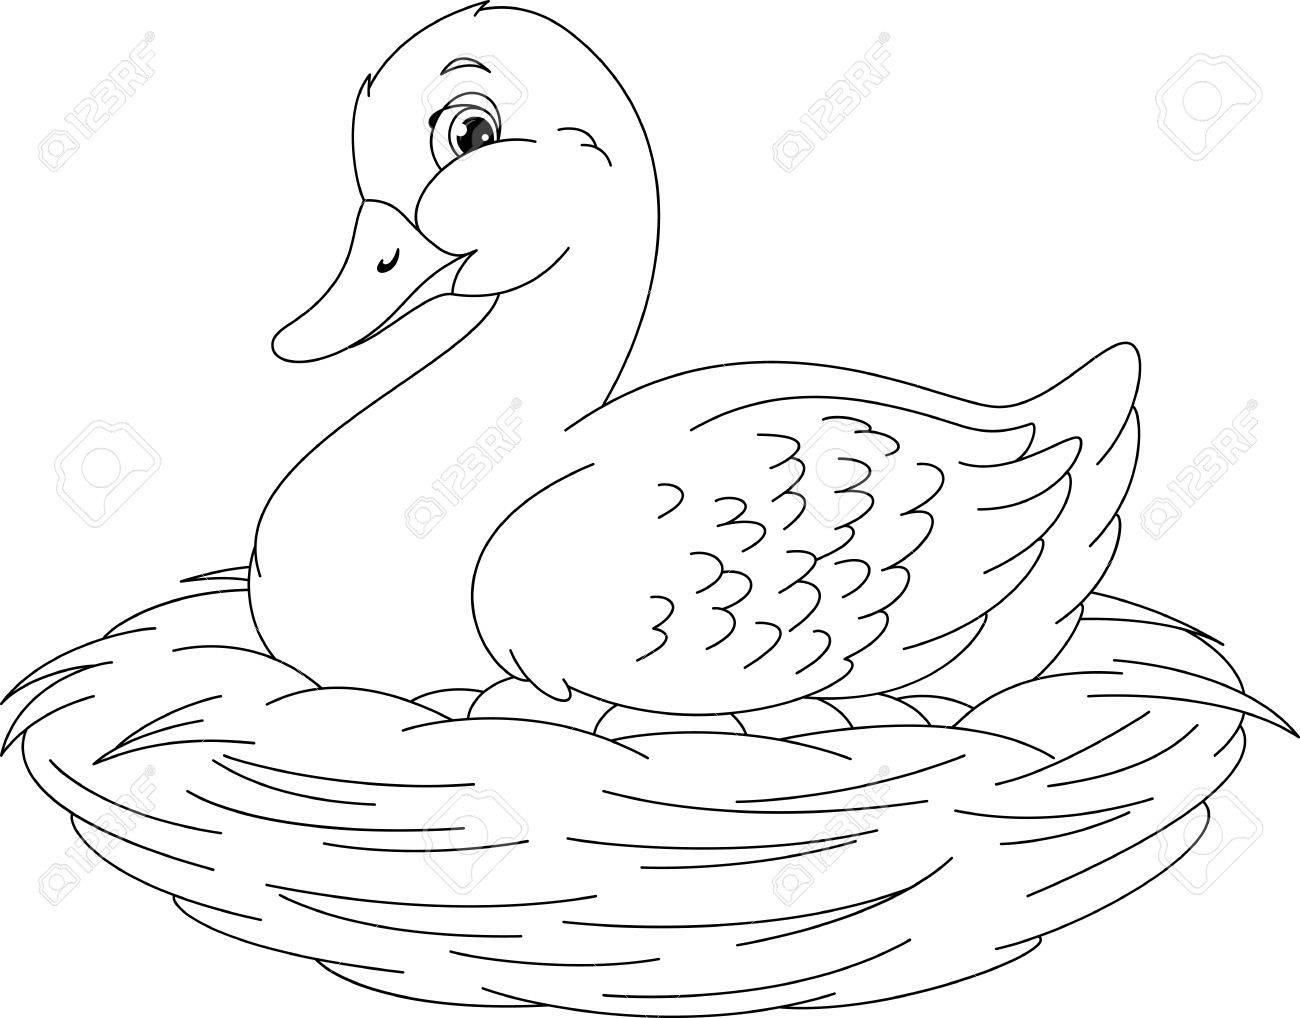 Excelente Pato Mojado Para Colorear Patrón - Dibujos Para Colorear ...